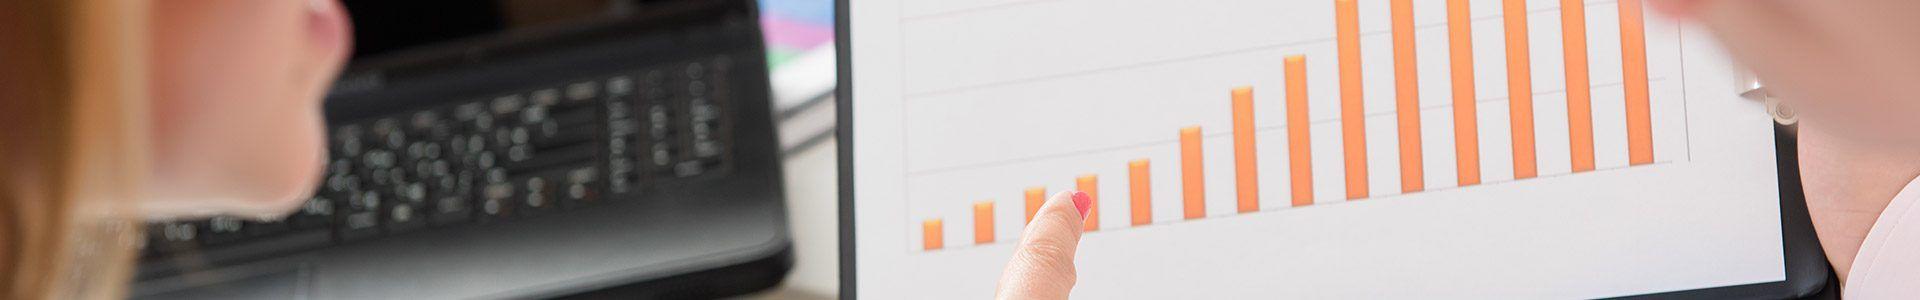 maak web statistieken inzichtelijk kpi dashboard